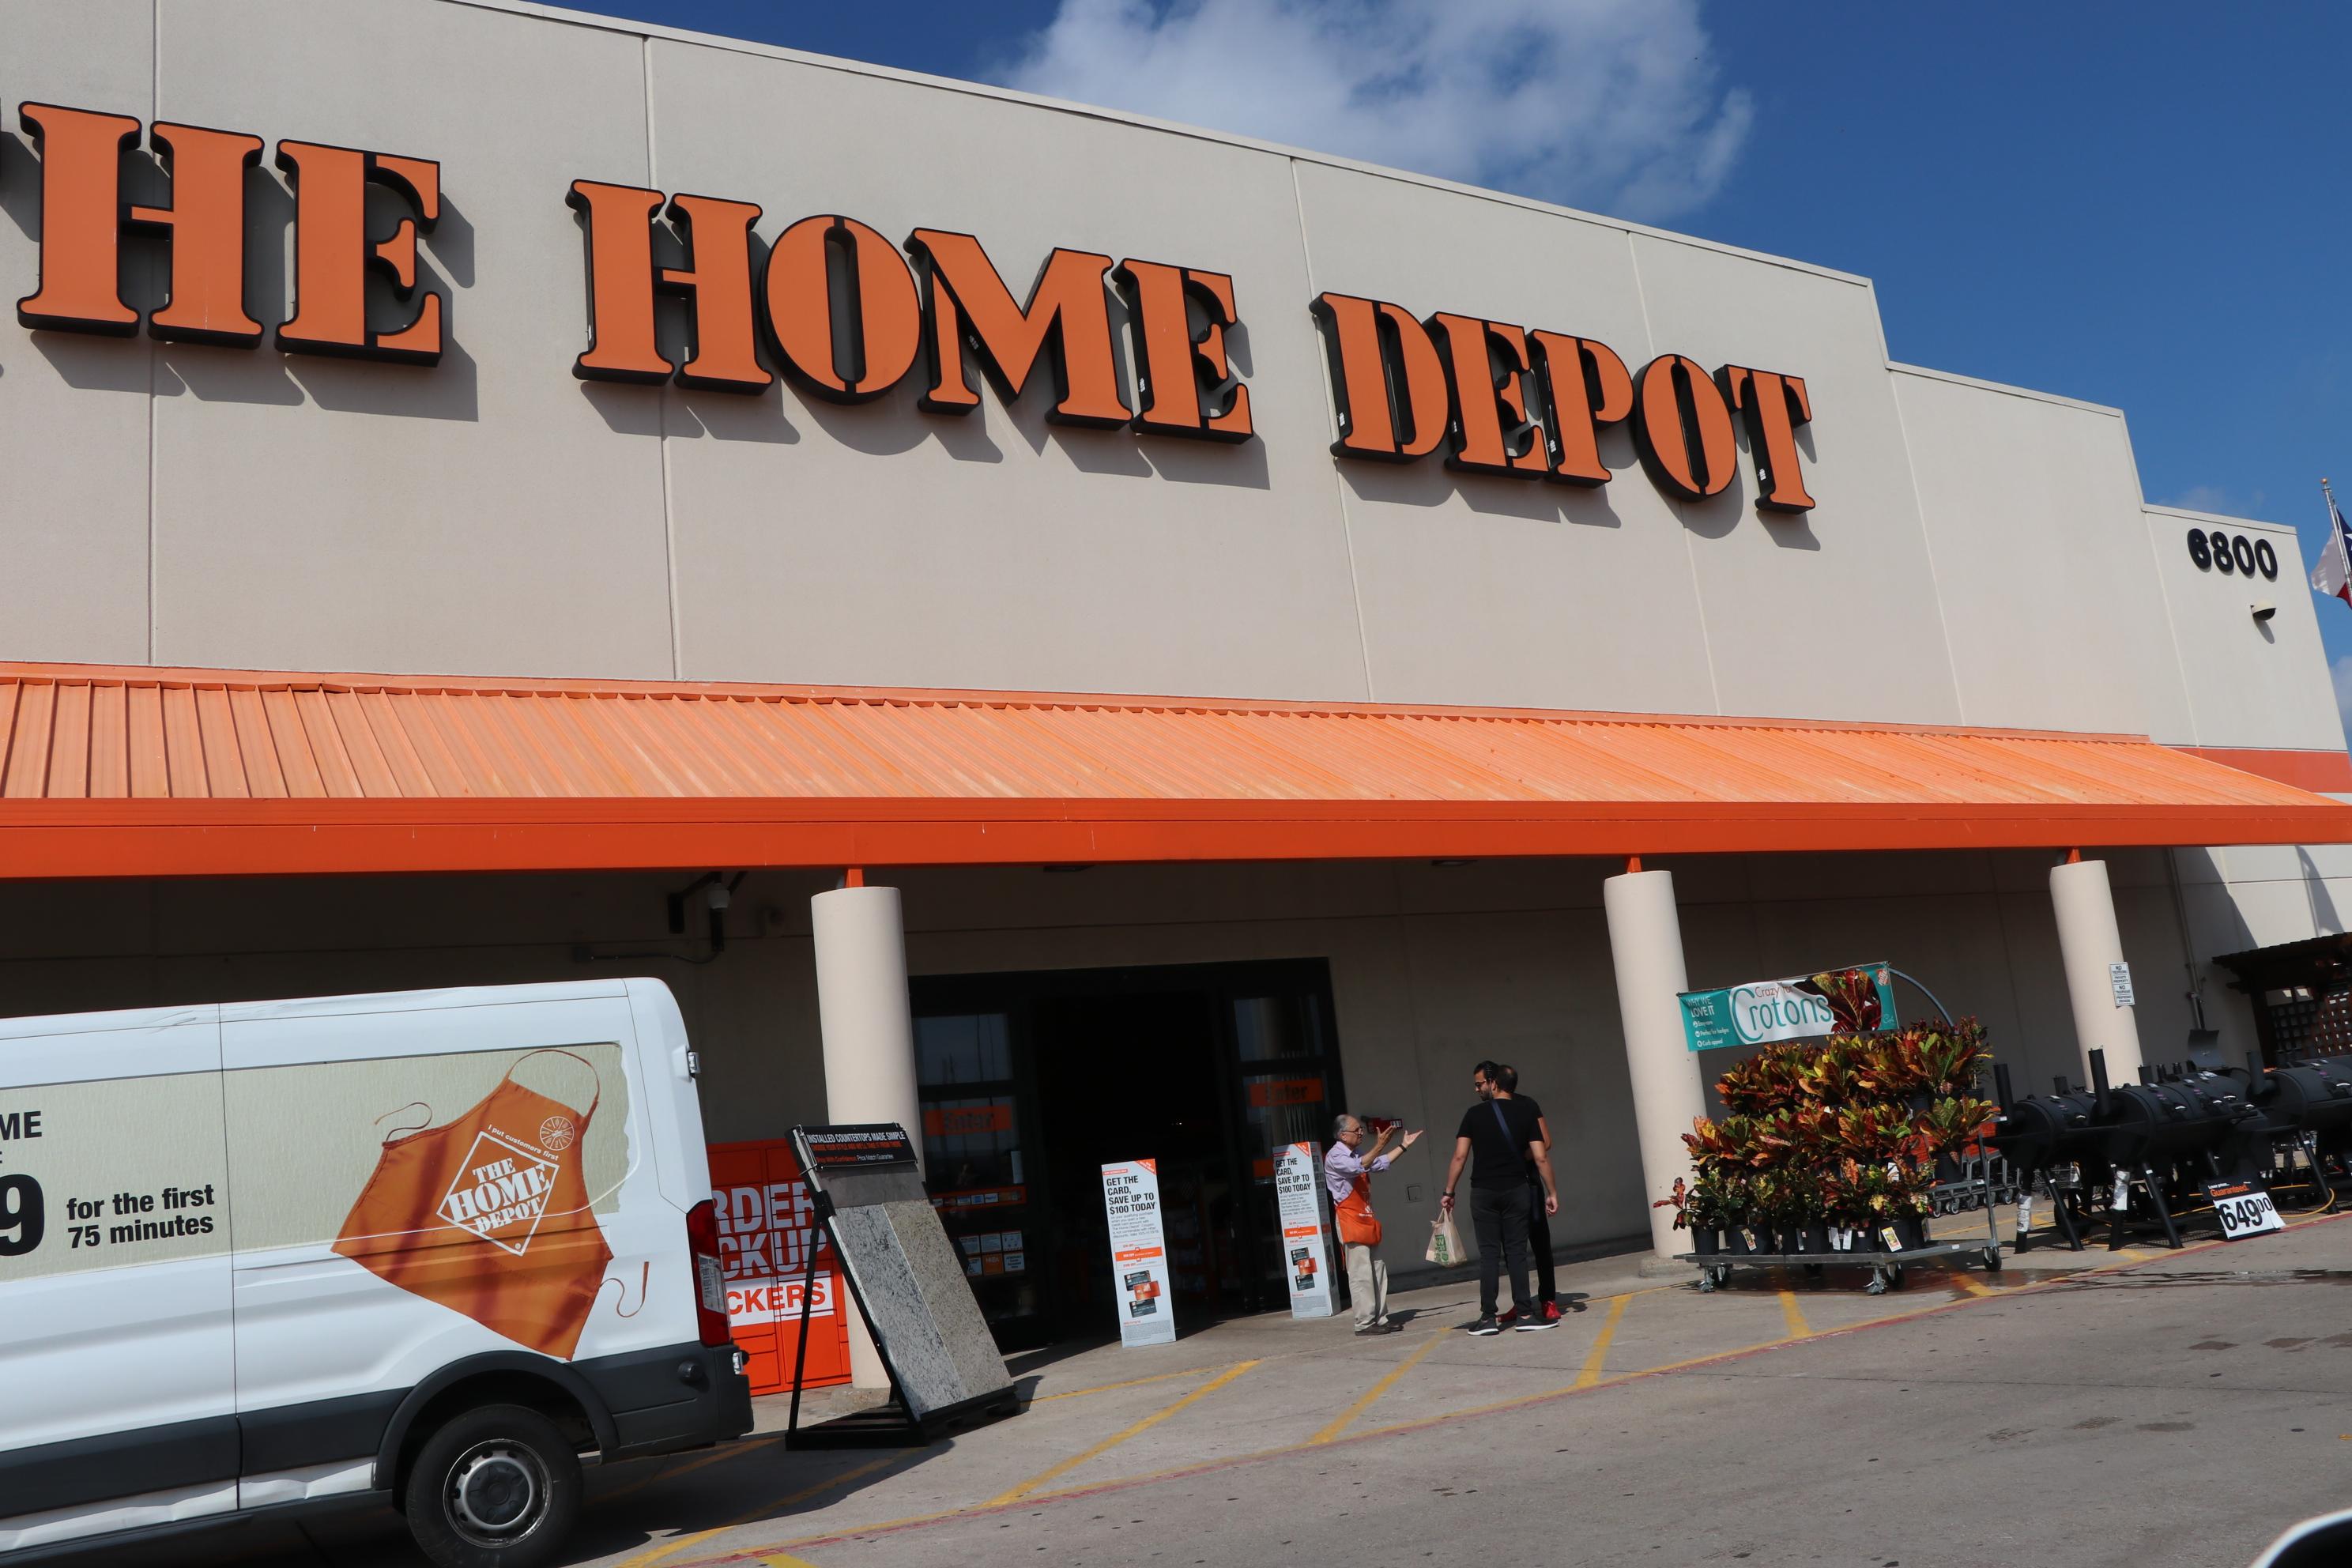 Home Depot外常聚集大批待業勞工,影響市容。(記者封昌明/攝影)